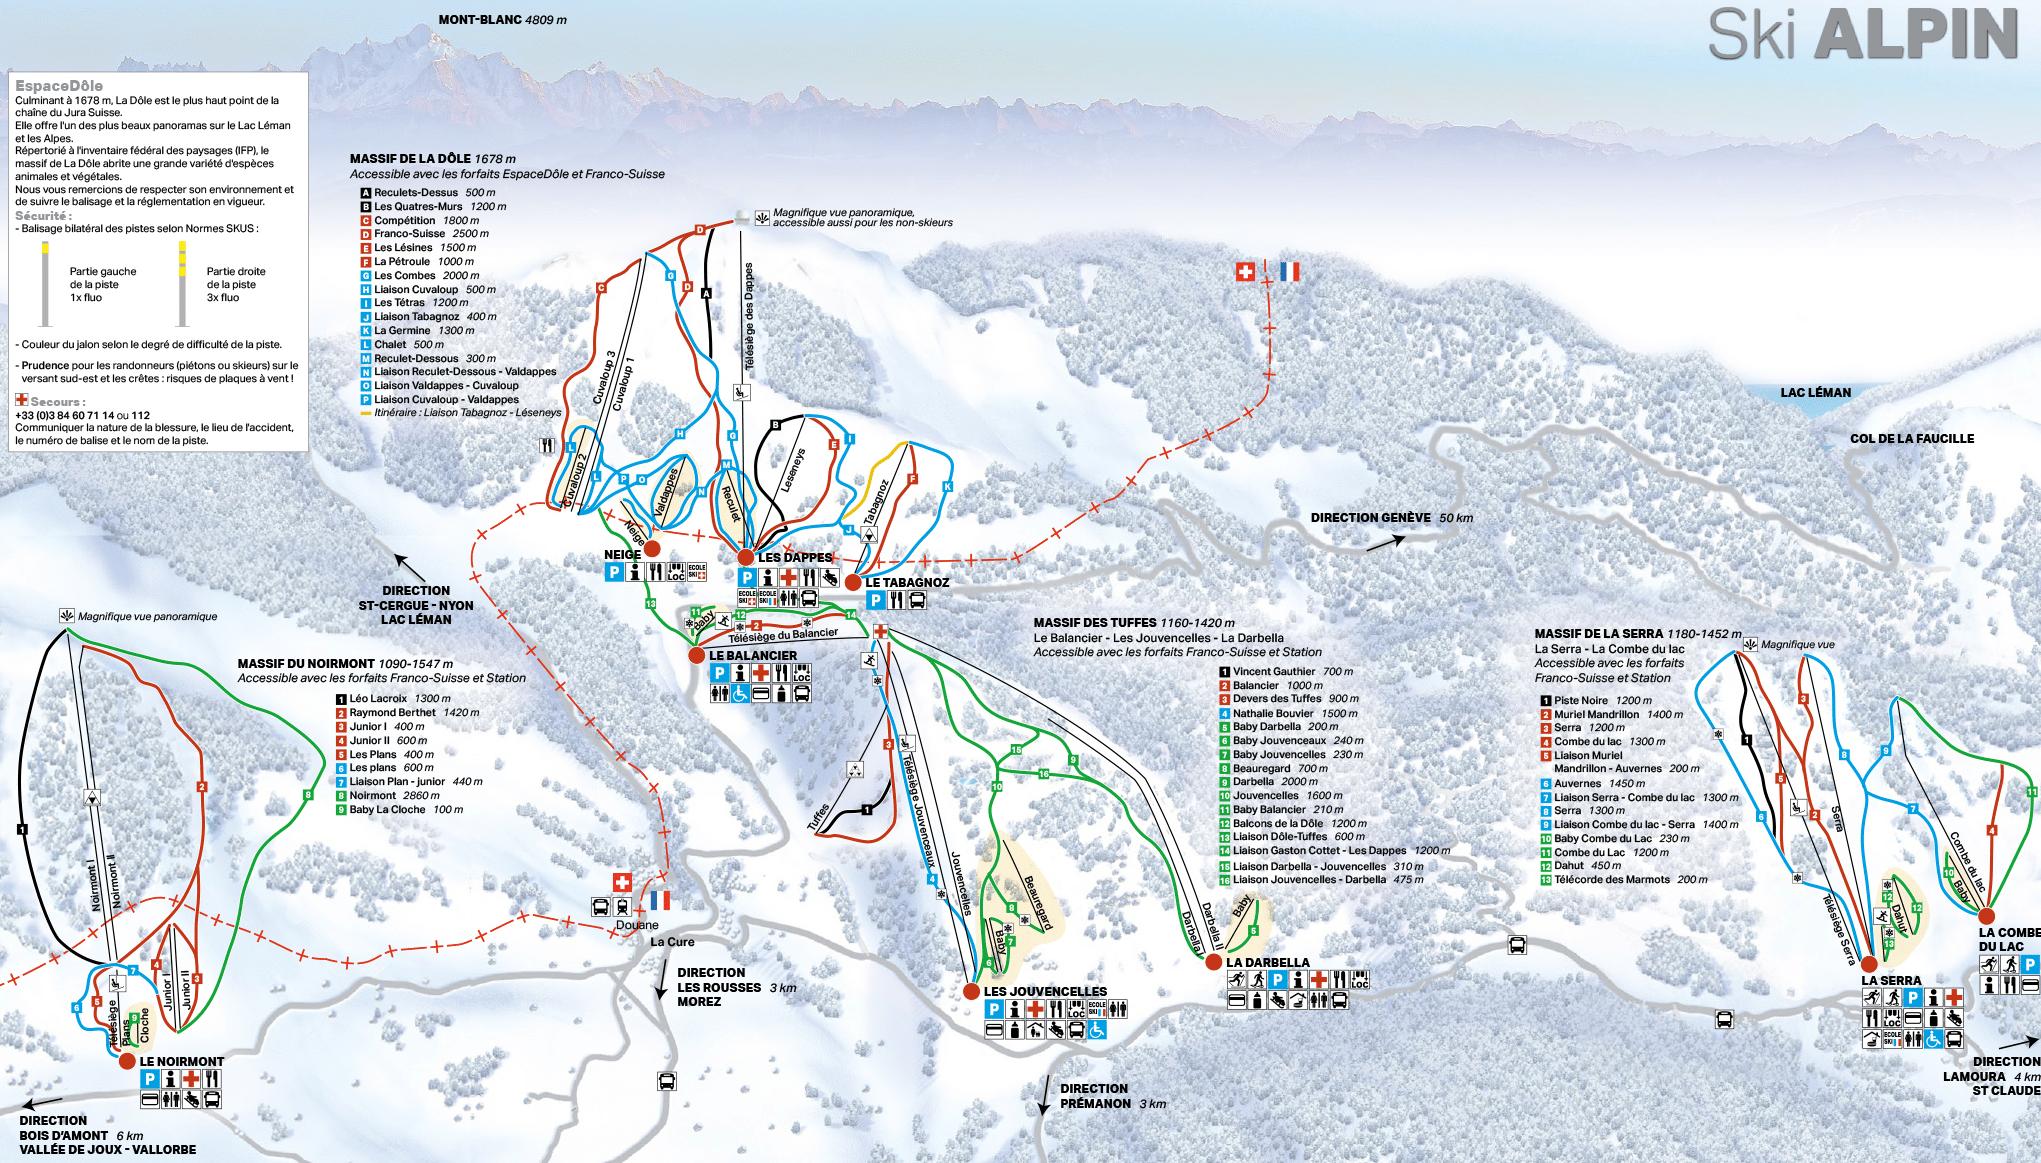 Les Rousses - Plan des pistes de ski